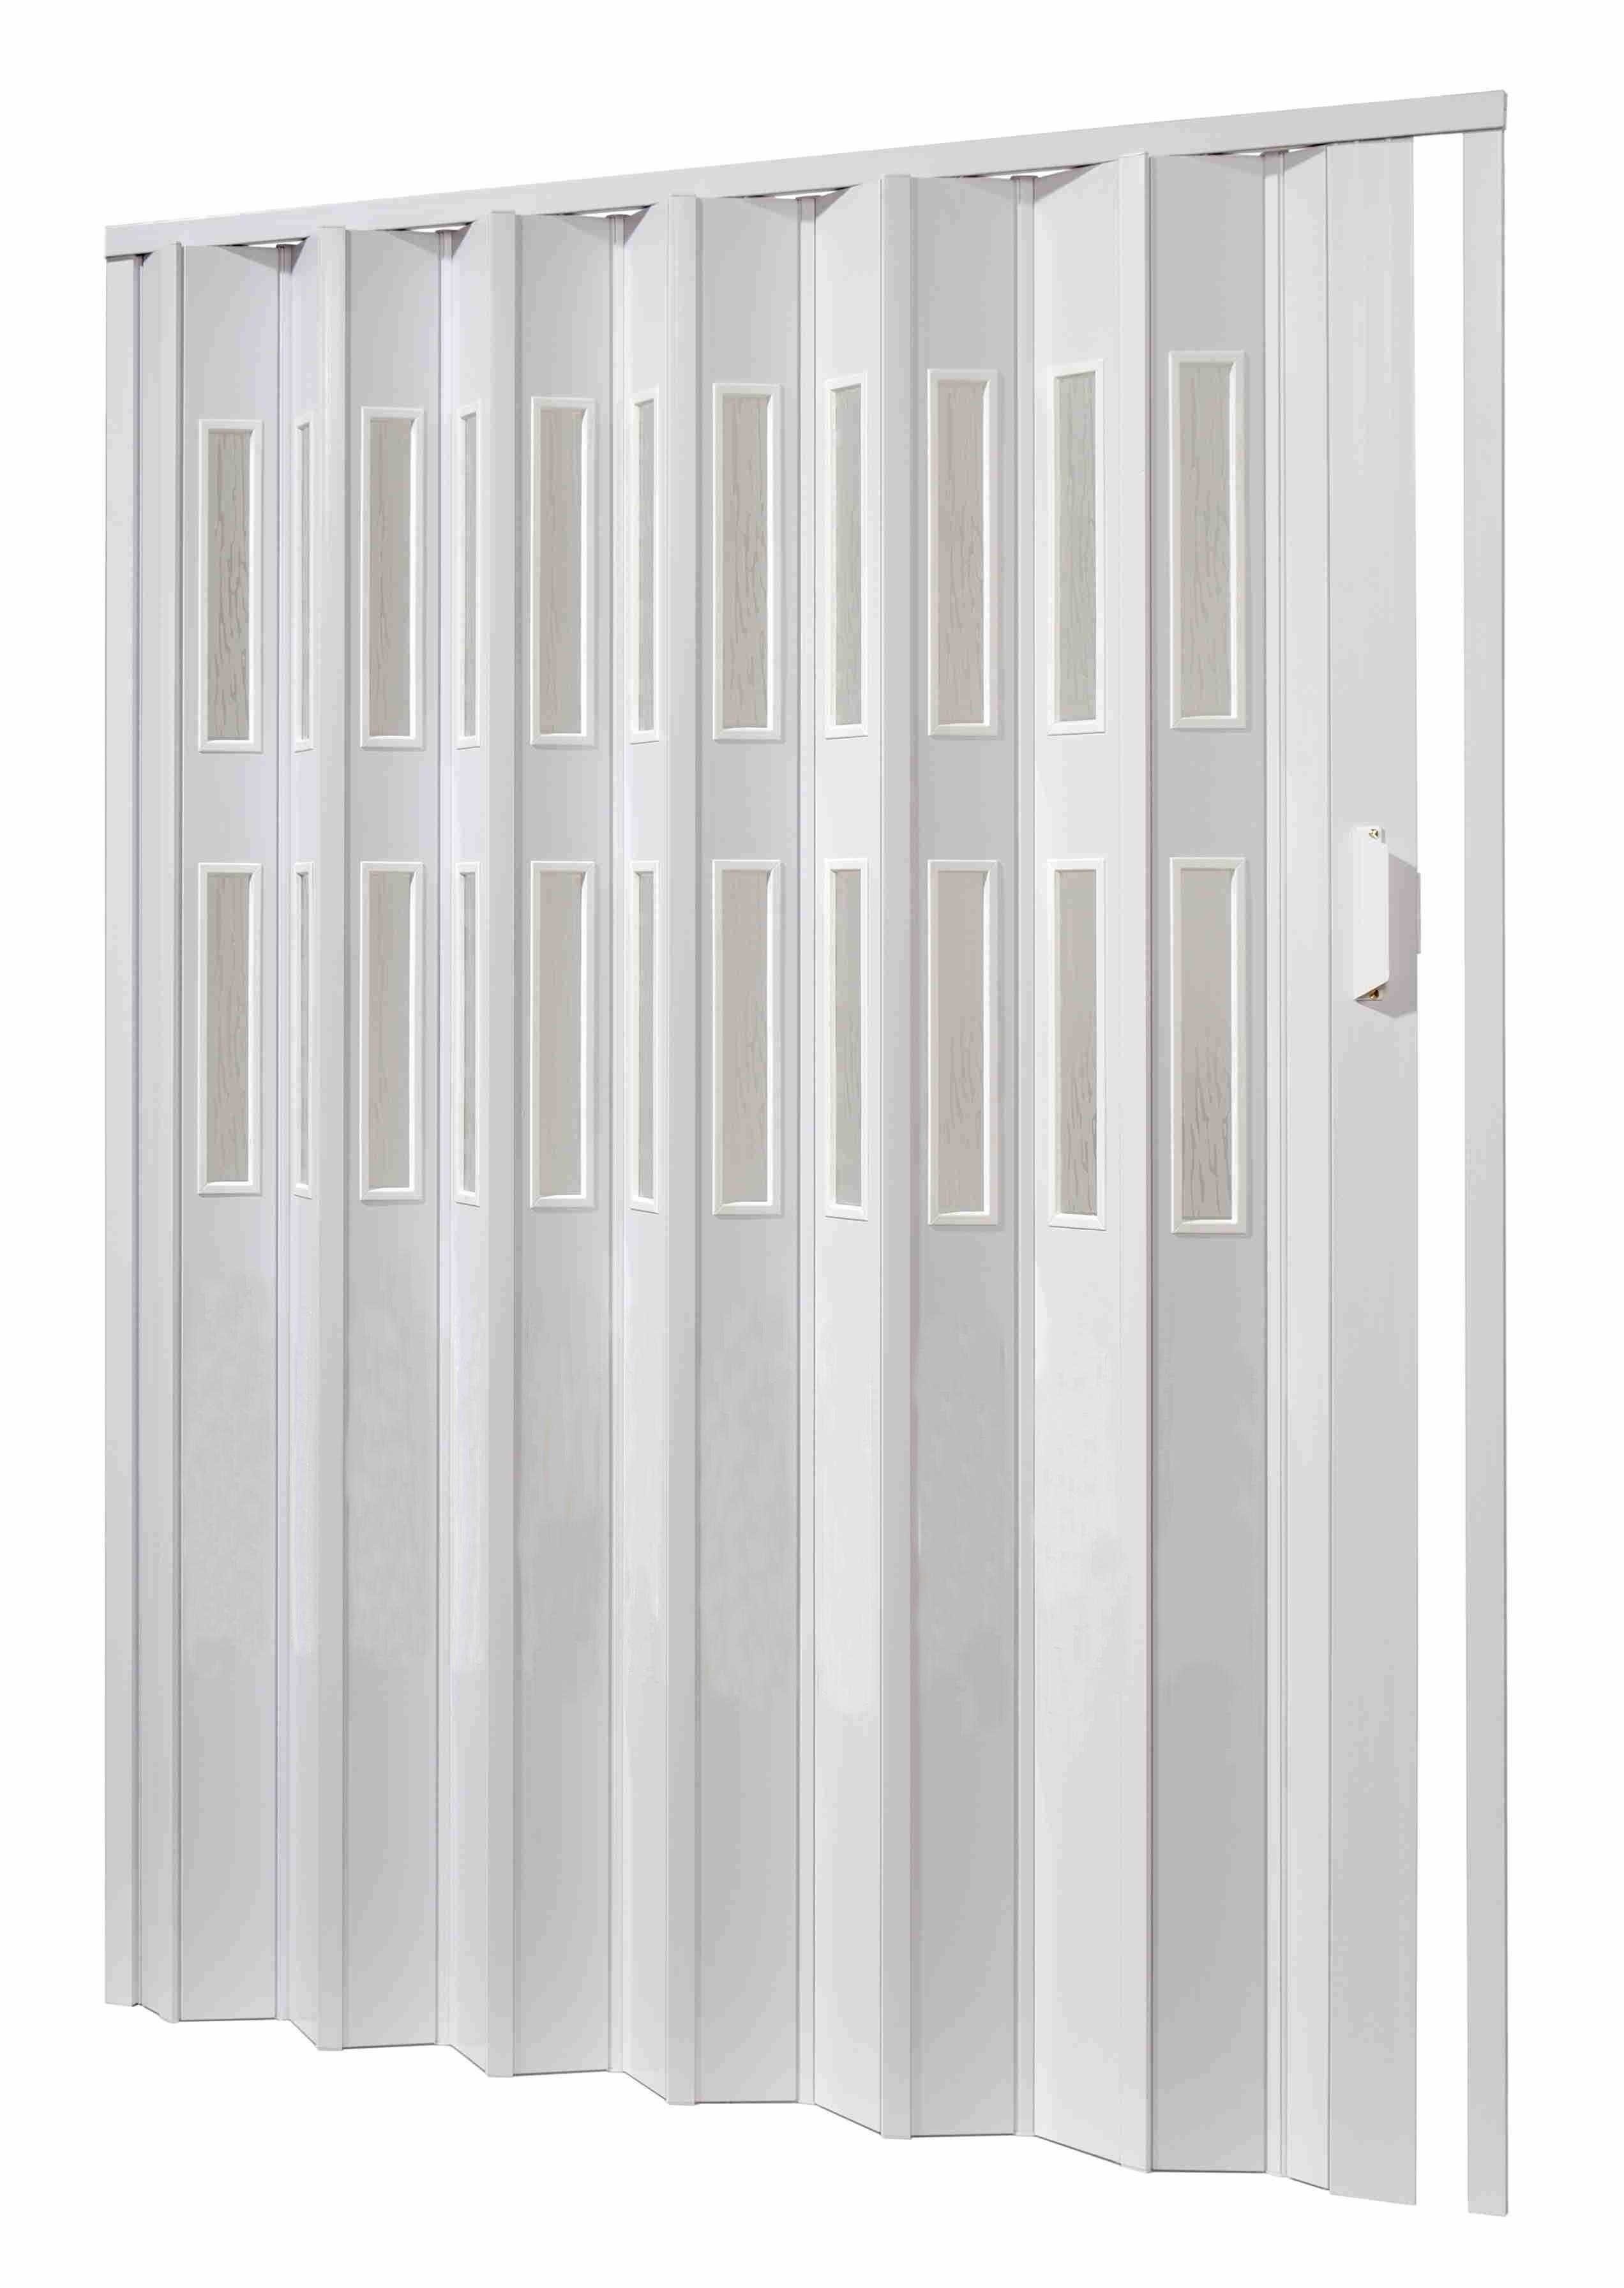 Shrnovací dveře plastové PETROMILA 163x200cm ODSTÍN: BÍLÁ, TYP DVEŘÍ: plné